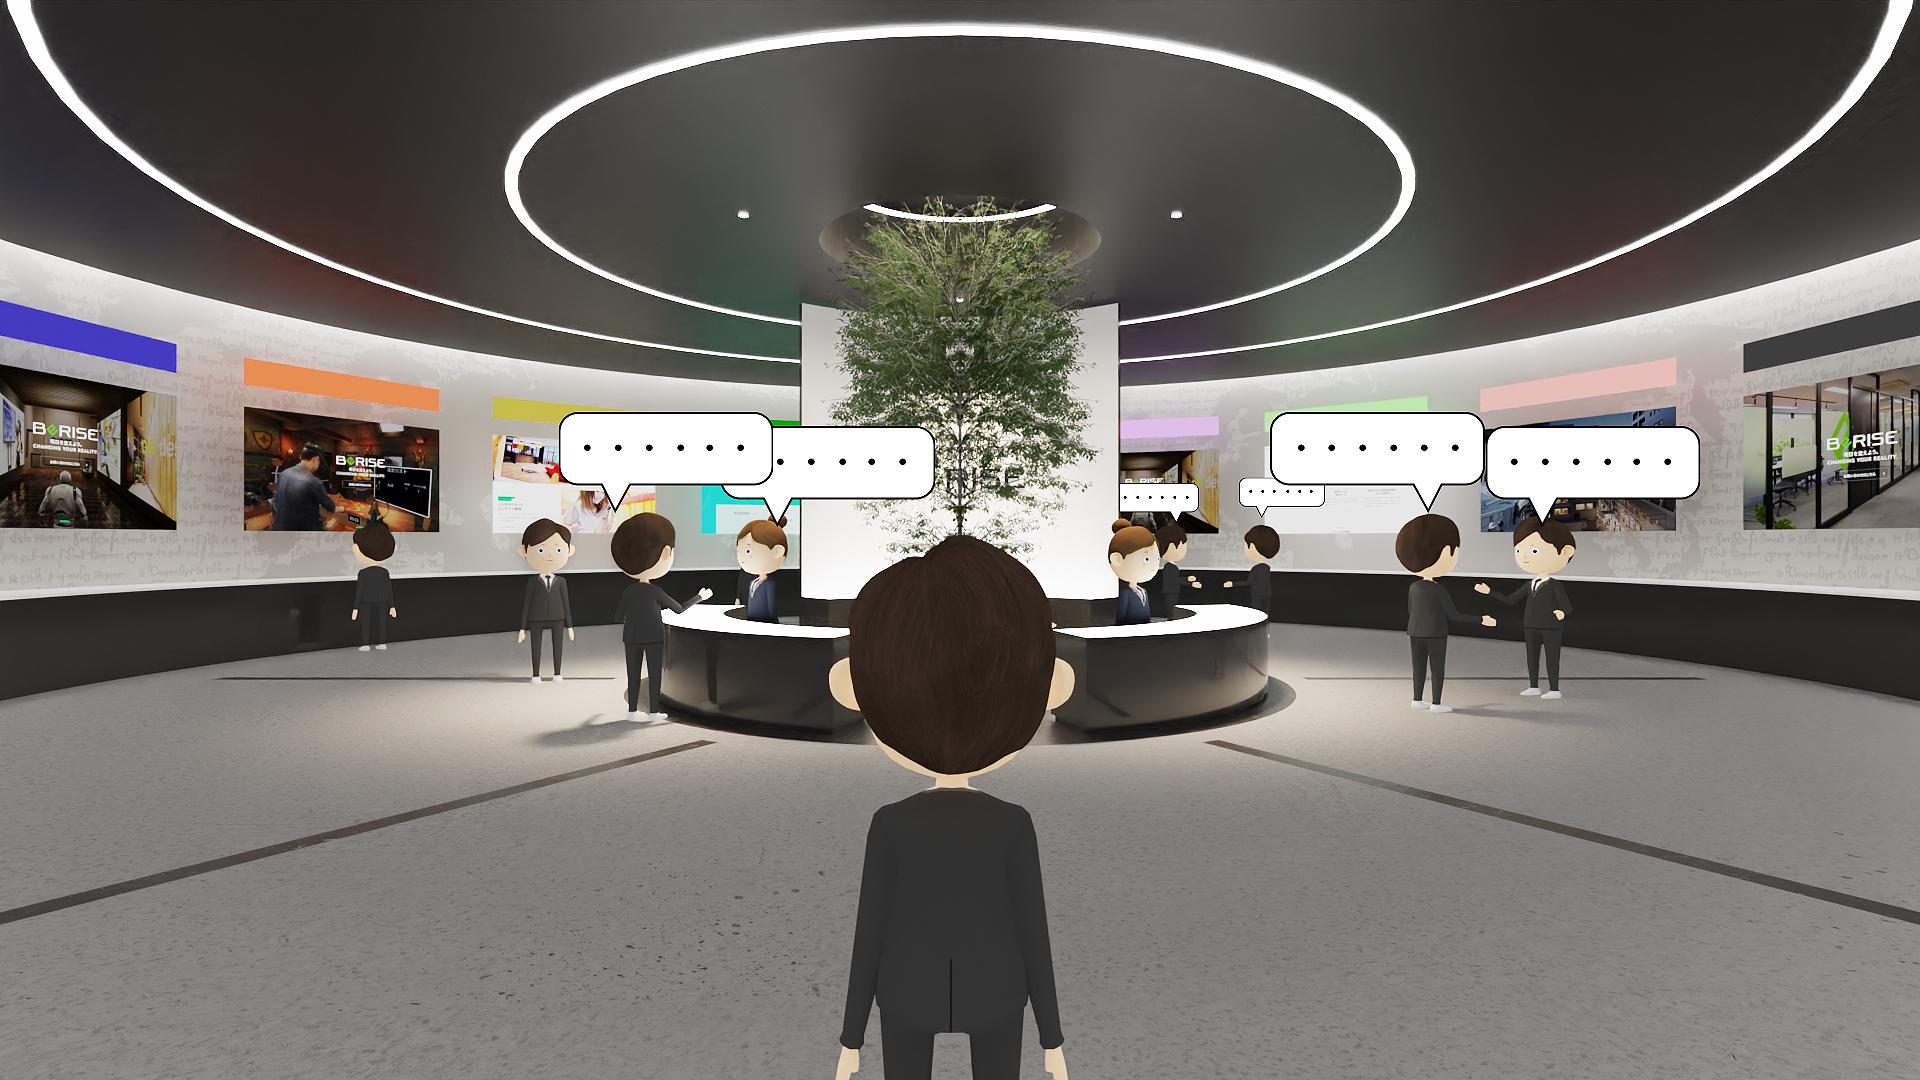 エネコムとビーライズ、VR空間サービス提供